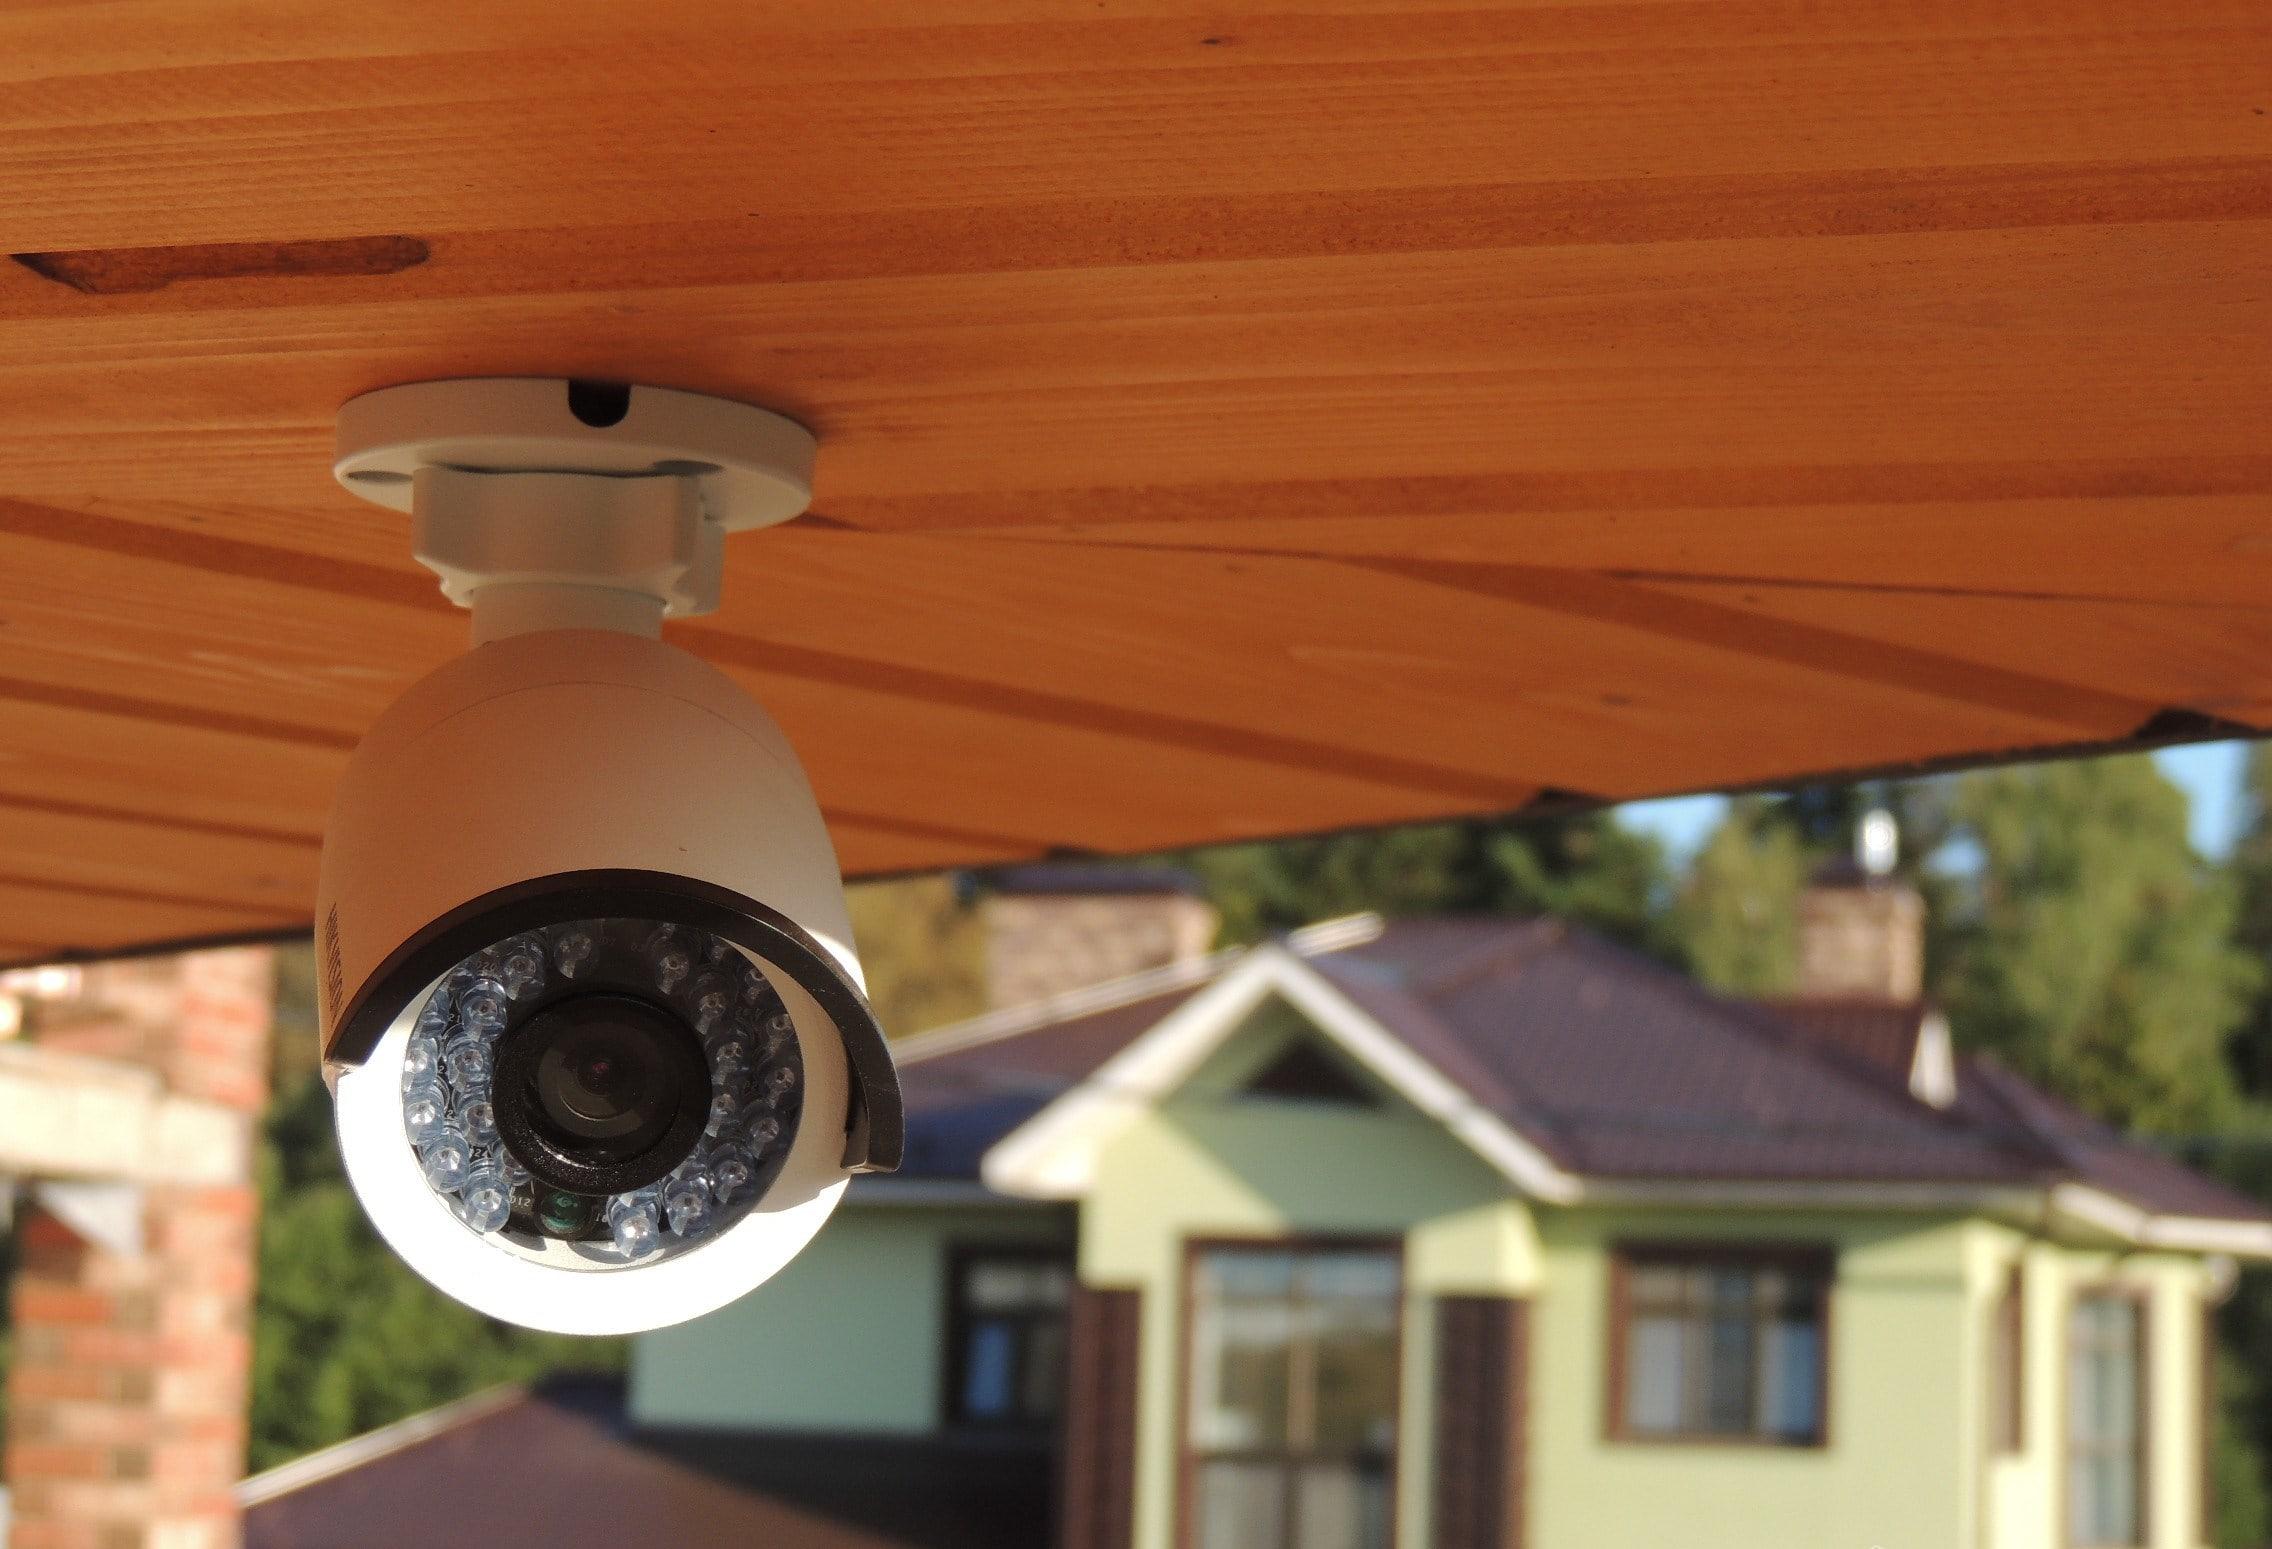 Видеонаблюдение частного дома,  во дворе многоквартирного дома, подъезда: законно ли это